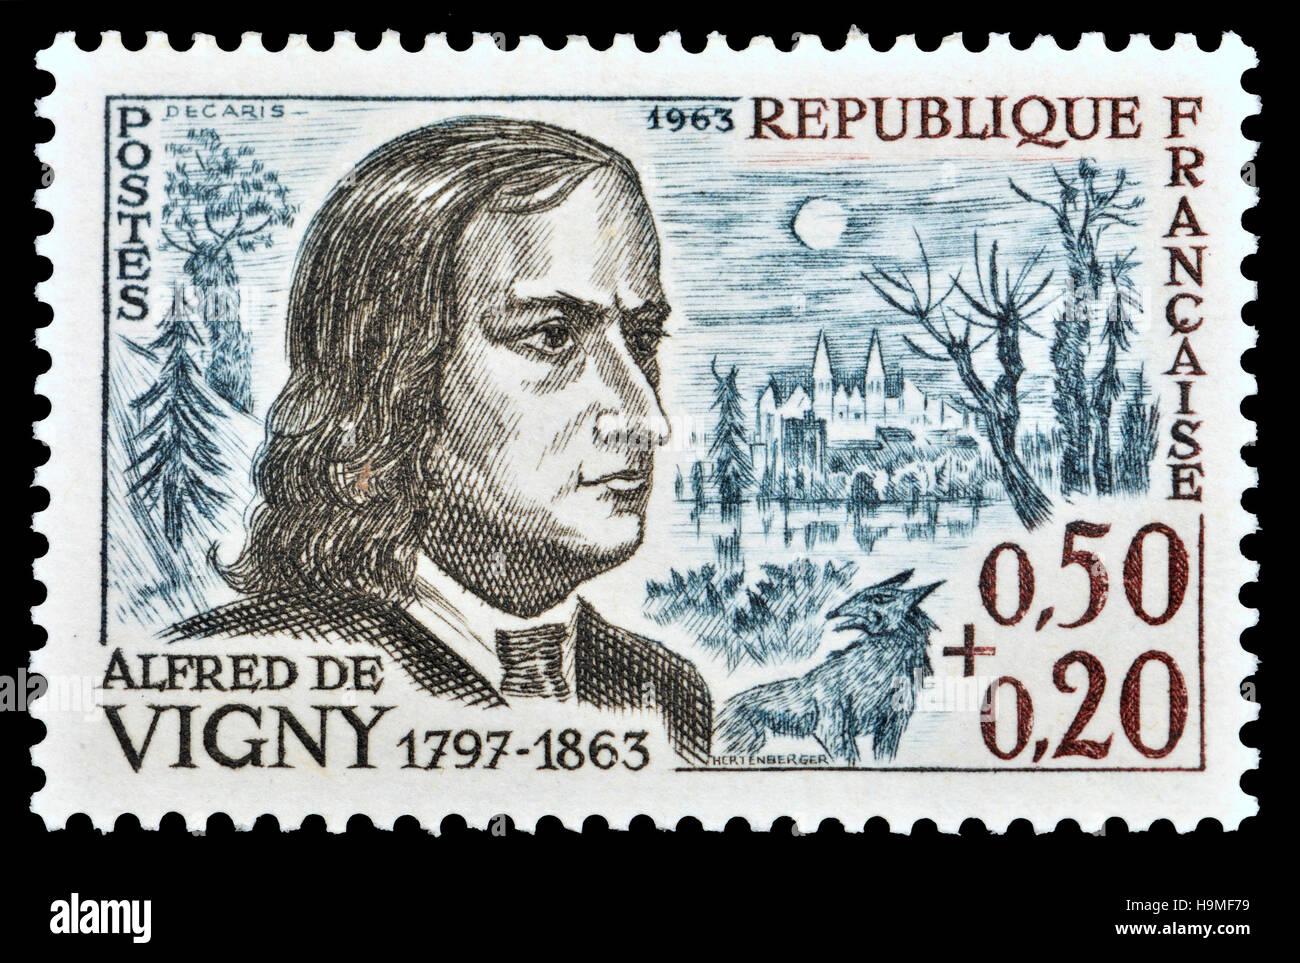 Französische Briefmarke (1963): Alfred Victor, Comte de Vigny (1797-1863), französischer Dichter, Schriftsteller Stockbild